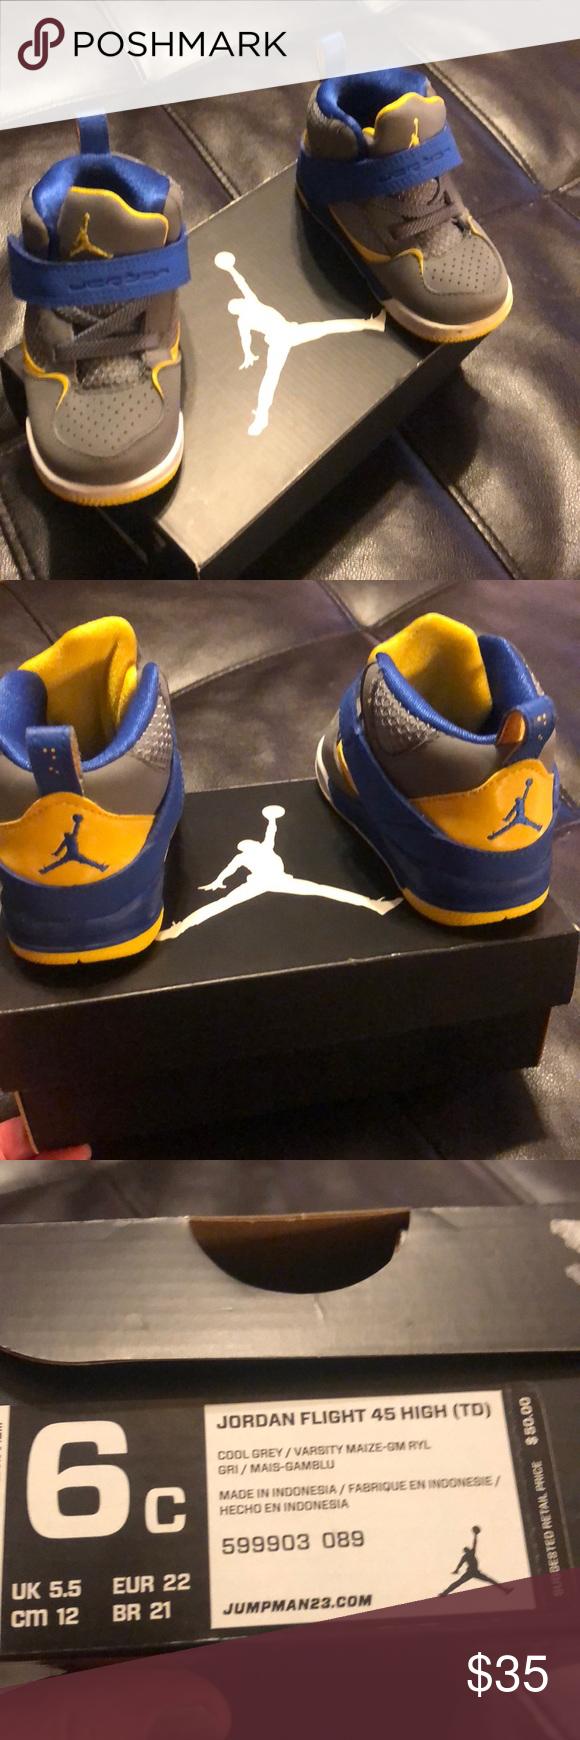 Jordan infant flight 45 gray/blue